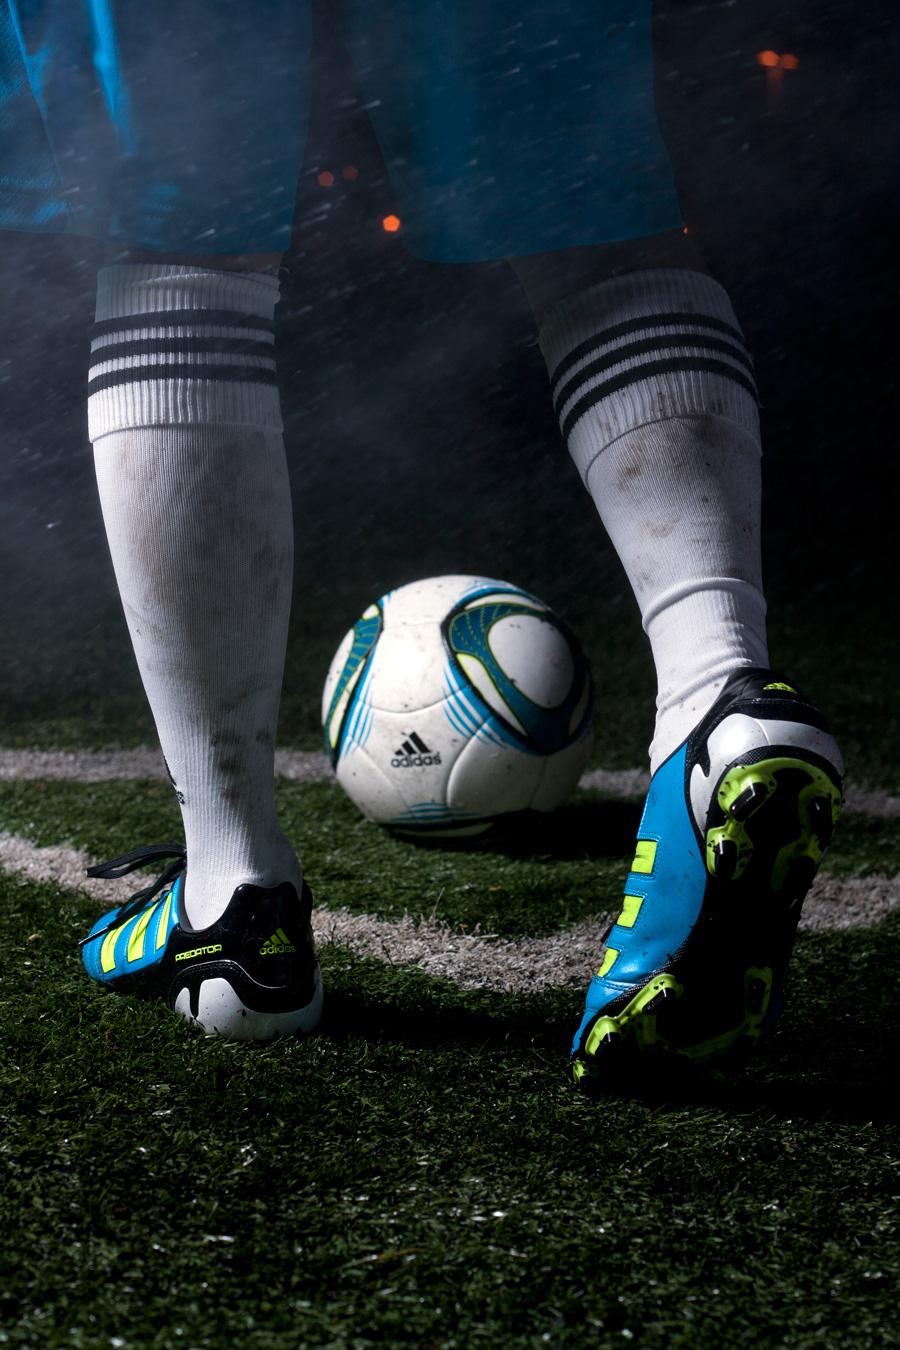 Adidas, Soccer - vikZone Photography